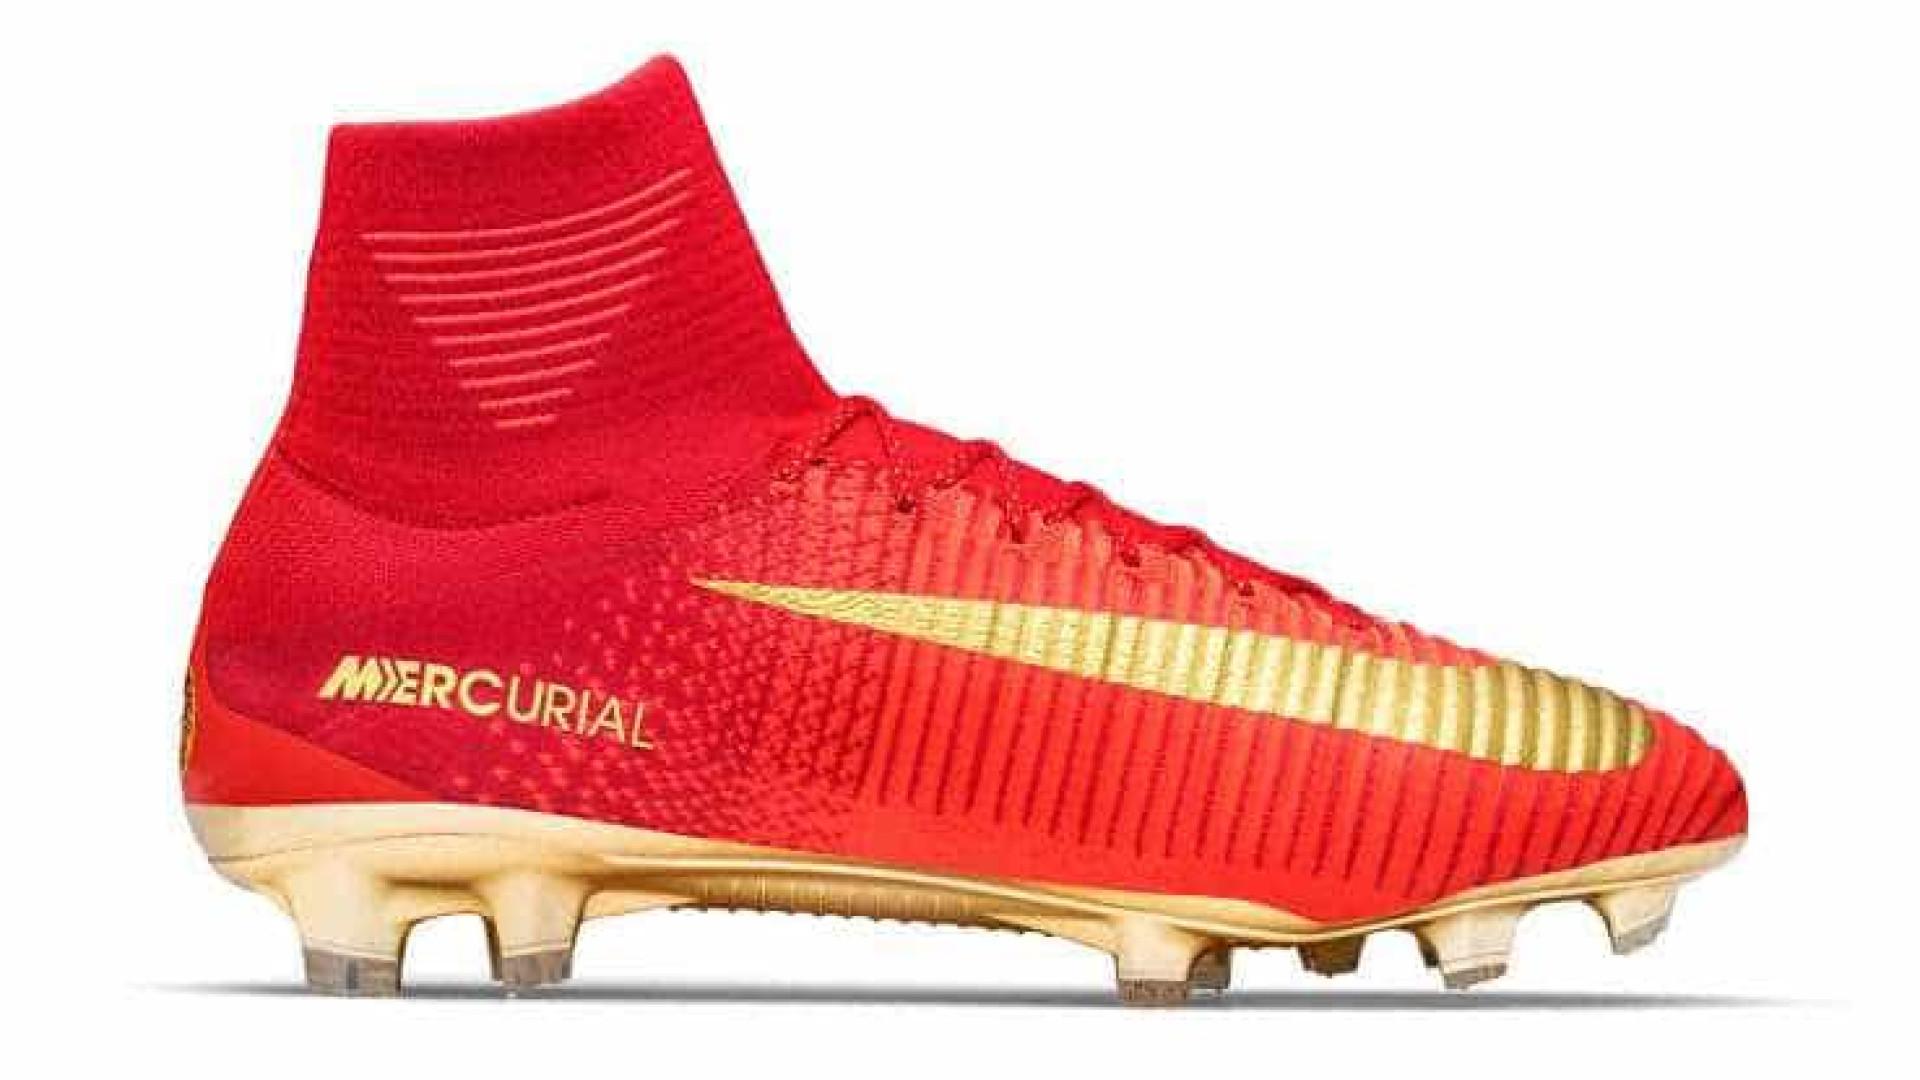 dc74f4a5e0968 Nike cria chuteiras únicas para Ronaldo usar na Taça das Confederações